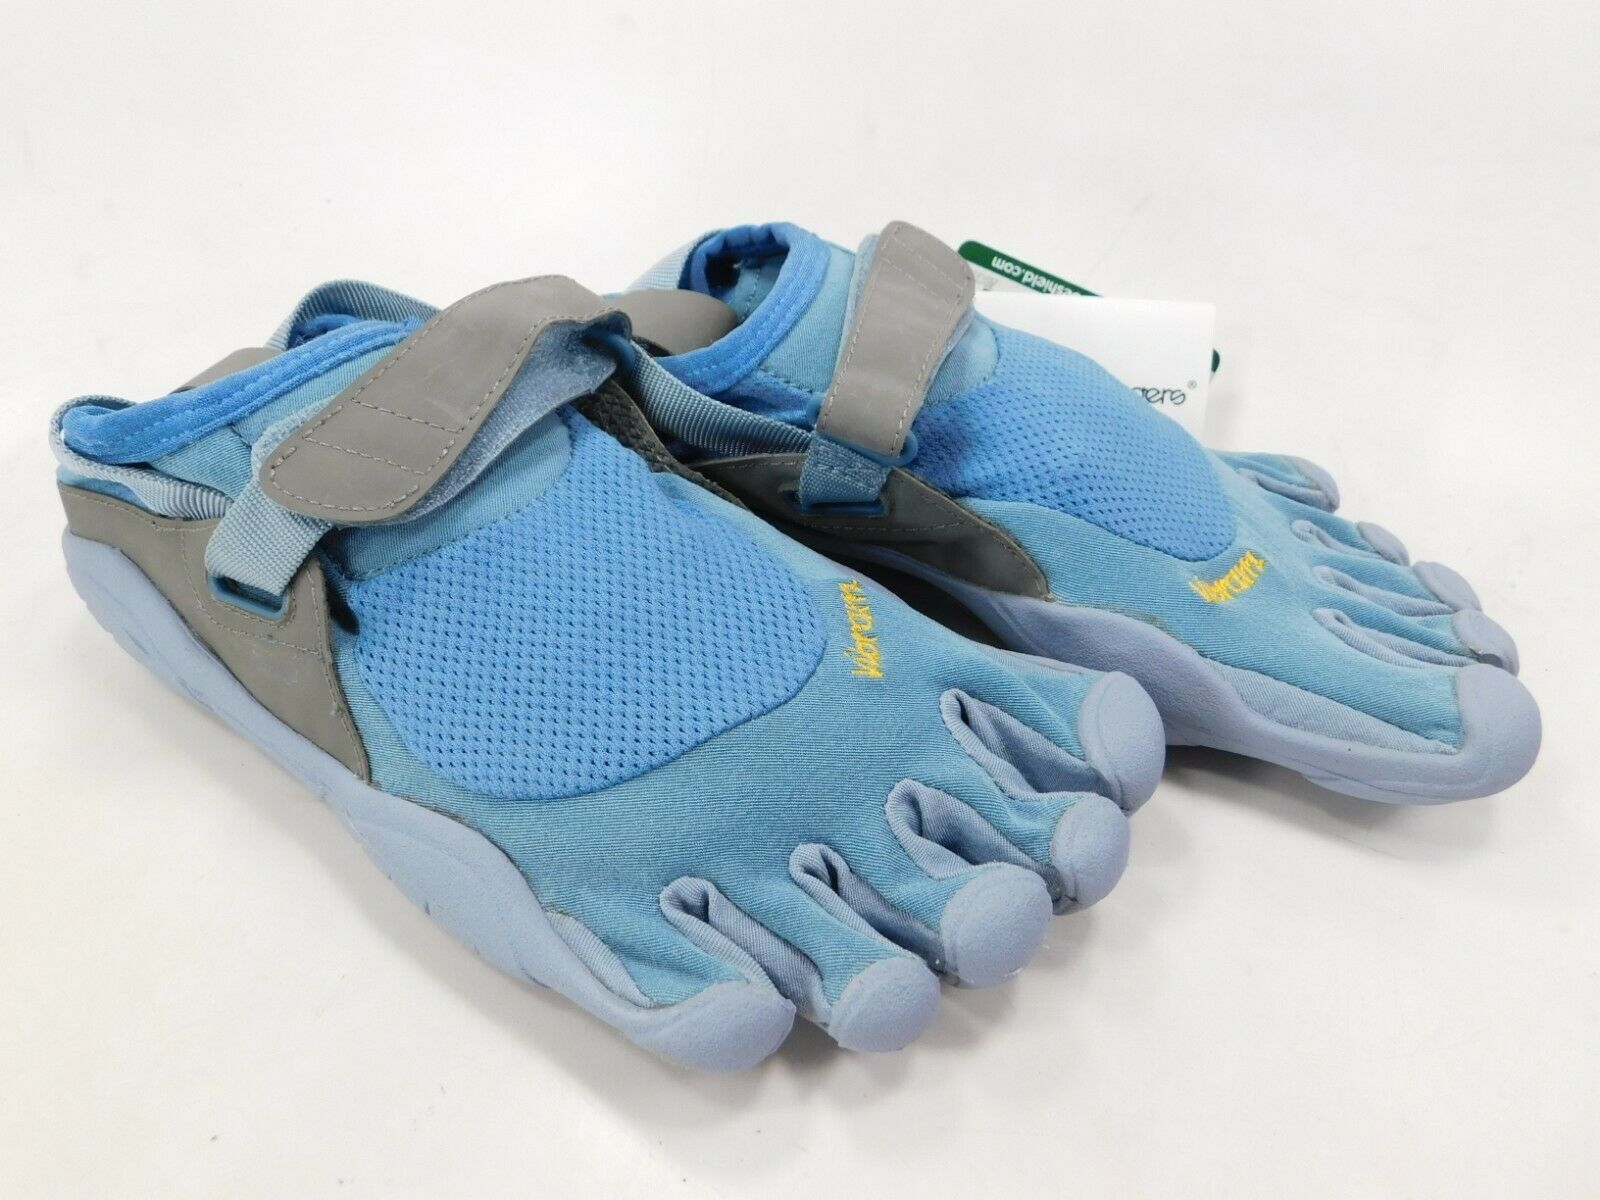 Vibram FiveFingers KSO Dimensione 37 (US 7-7.5) Donna    Running scarpe blu W1465 9aec96